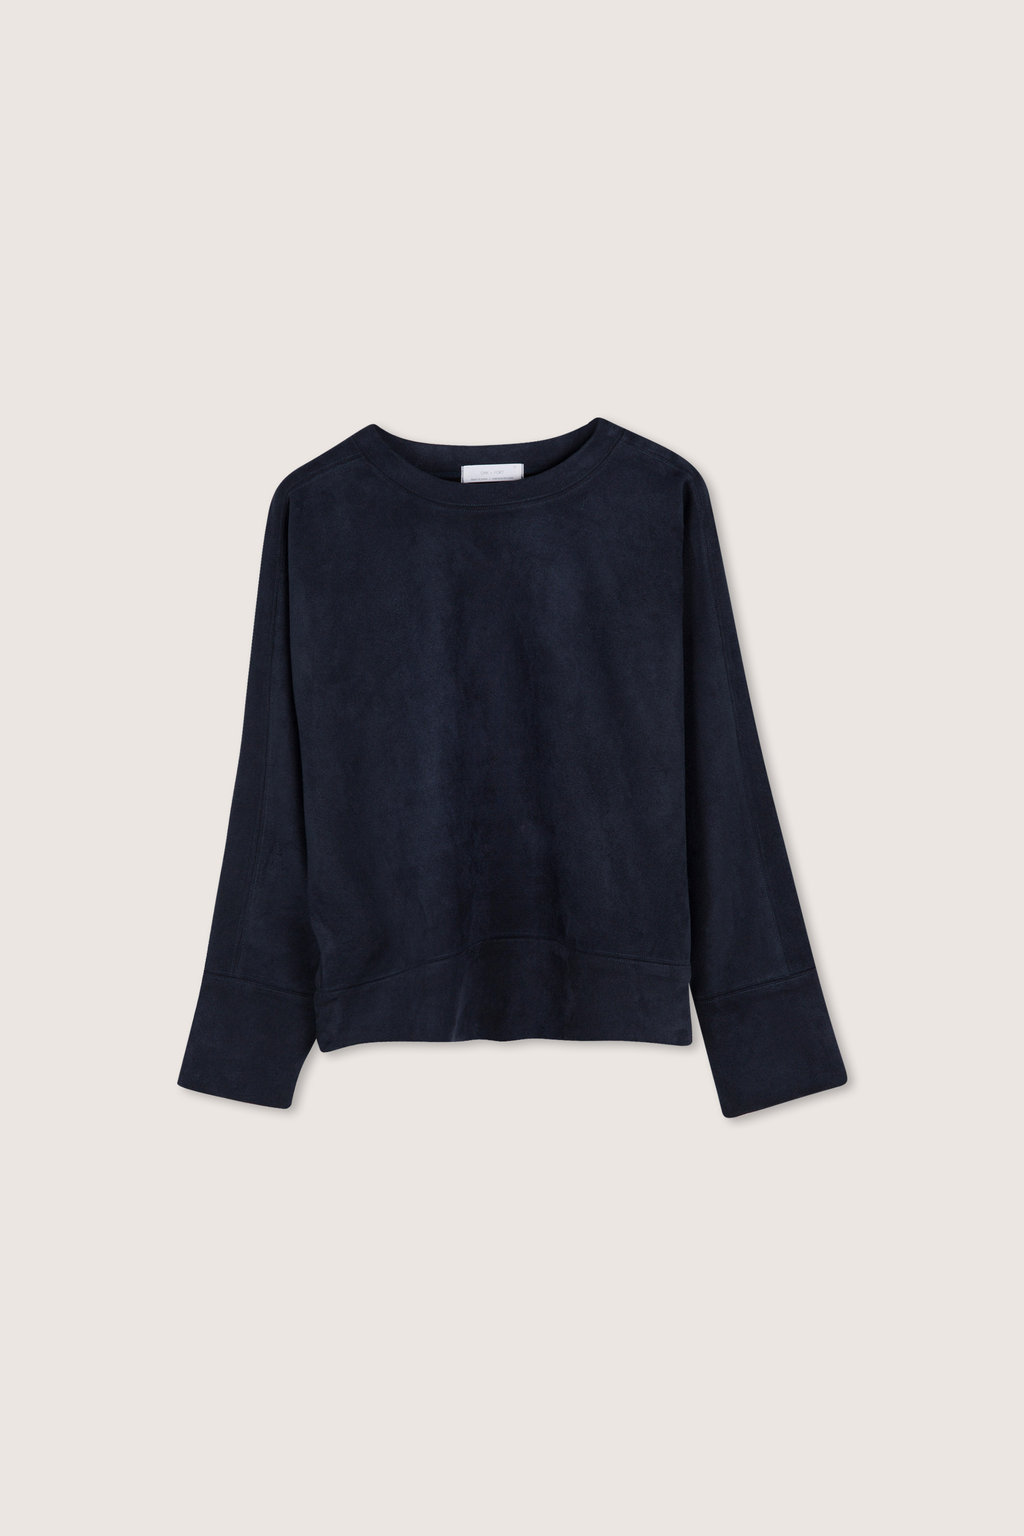 Sweatshirt 2016 Navy 5